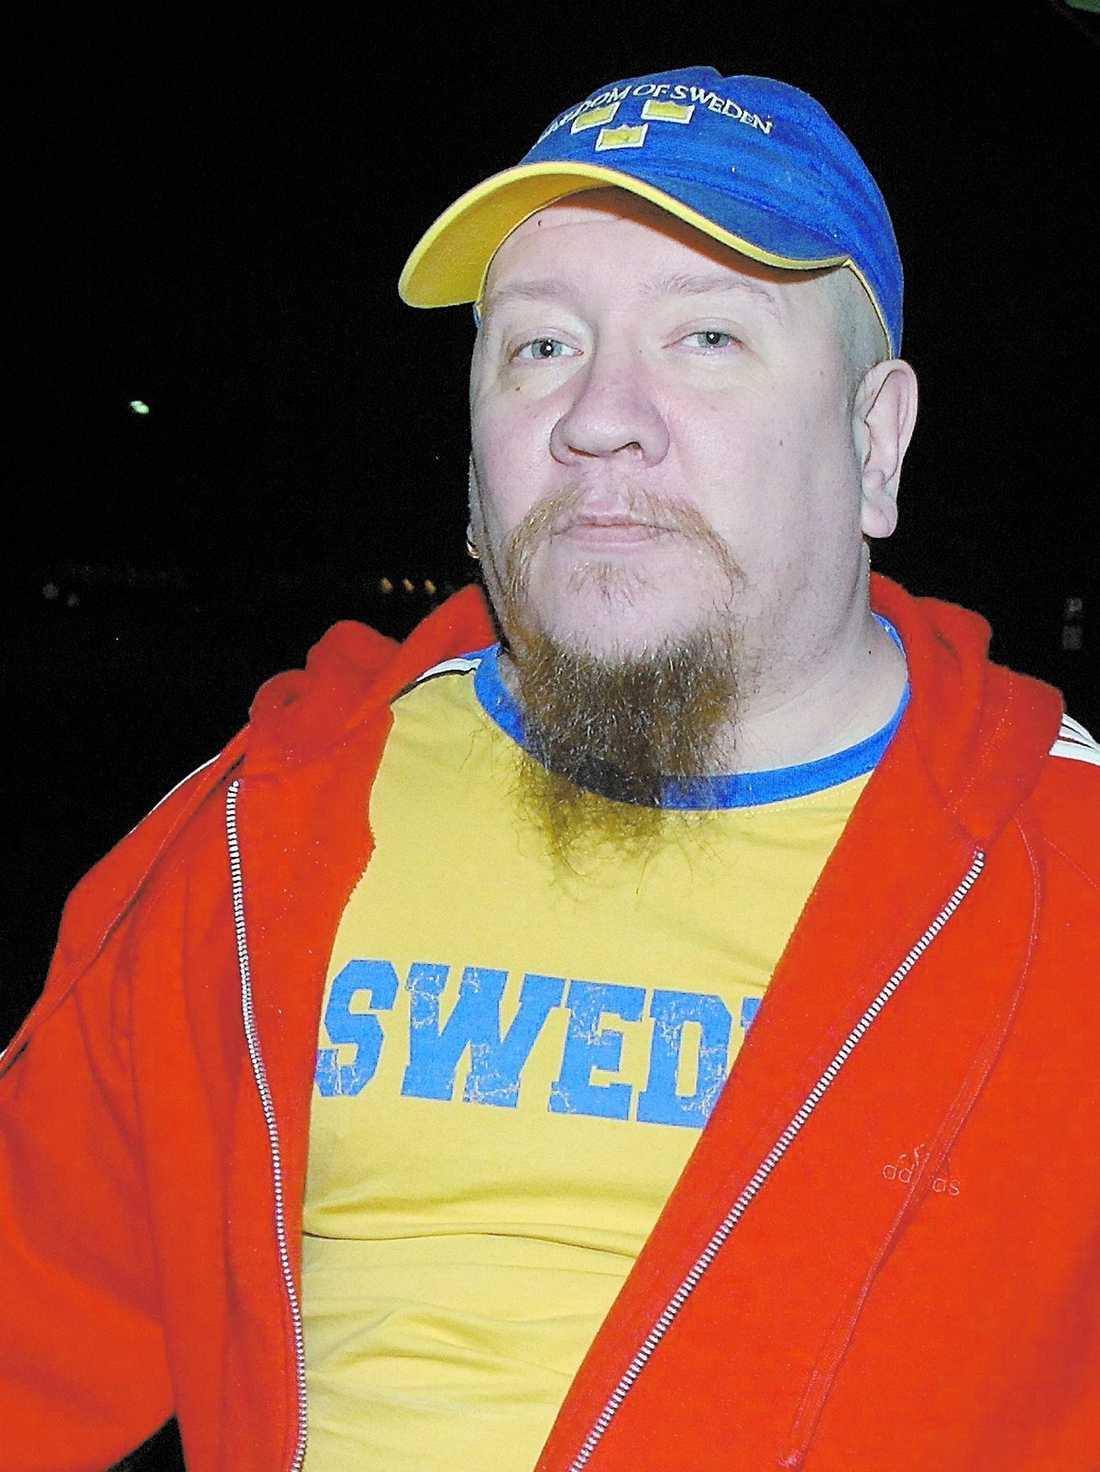 """sverigestil När Juha Valjakkala klev ut från fängelset 2009 hade han sverigetröja och sverigekeps. """"Det är ett sätt att markera, en far åt helvete-gest. Han vill visa att 'jag skiter i er',"""" sa Leif GW Persson."""